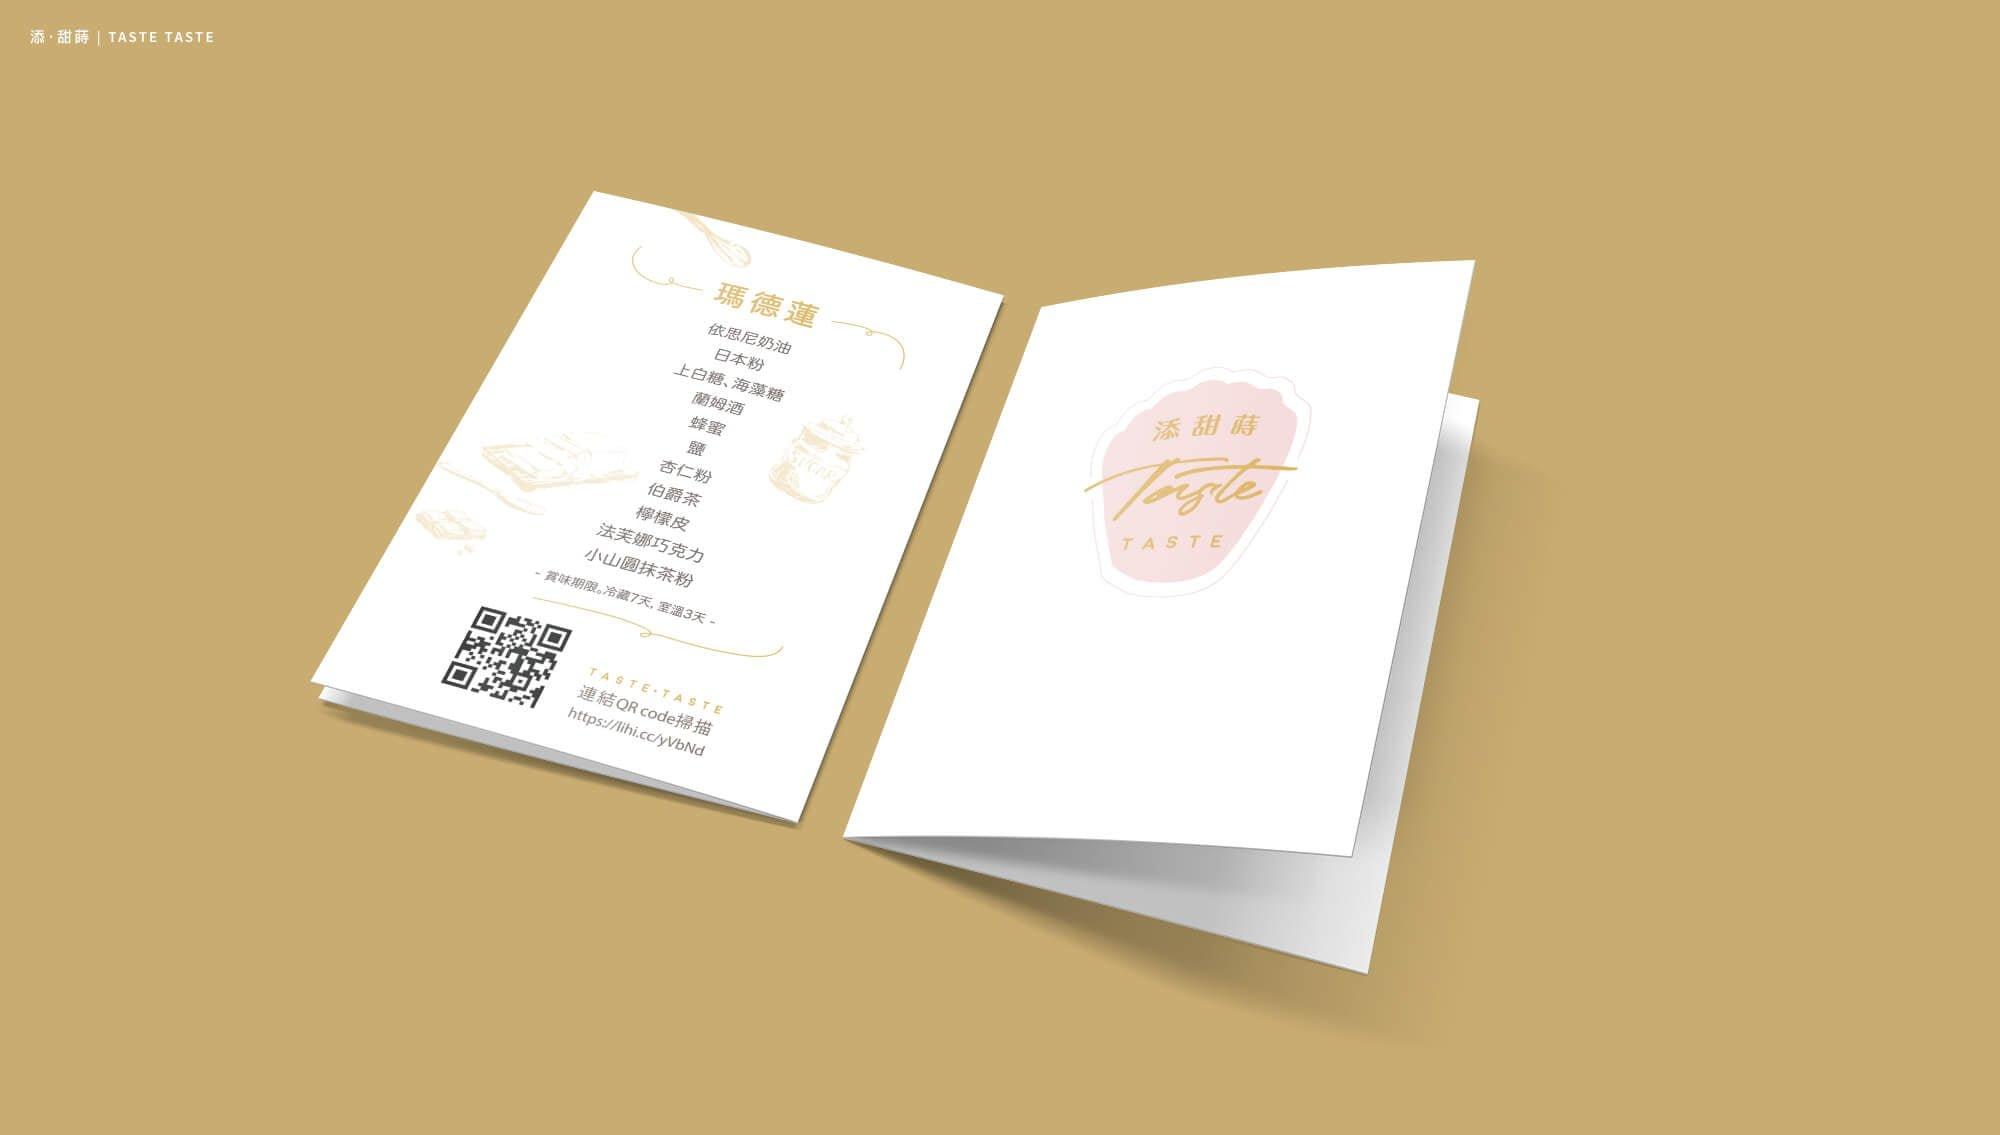 名片   DM   型錄   菜單   還有更多的平面設計應用,傑克大俠與團隊提供最新設計趨勢,最高印刷品質